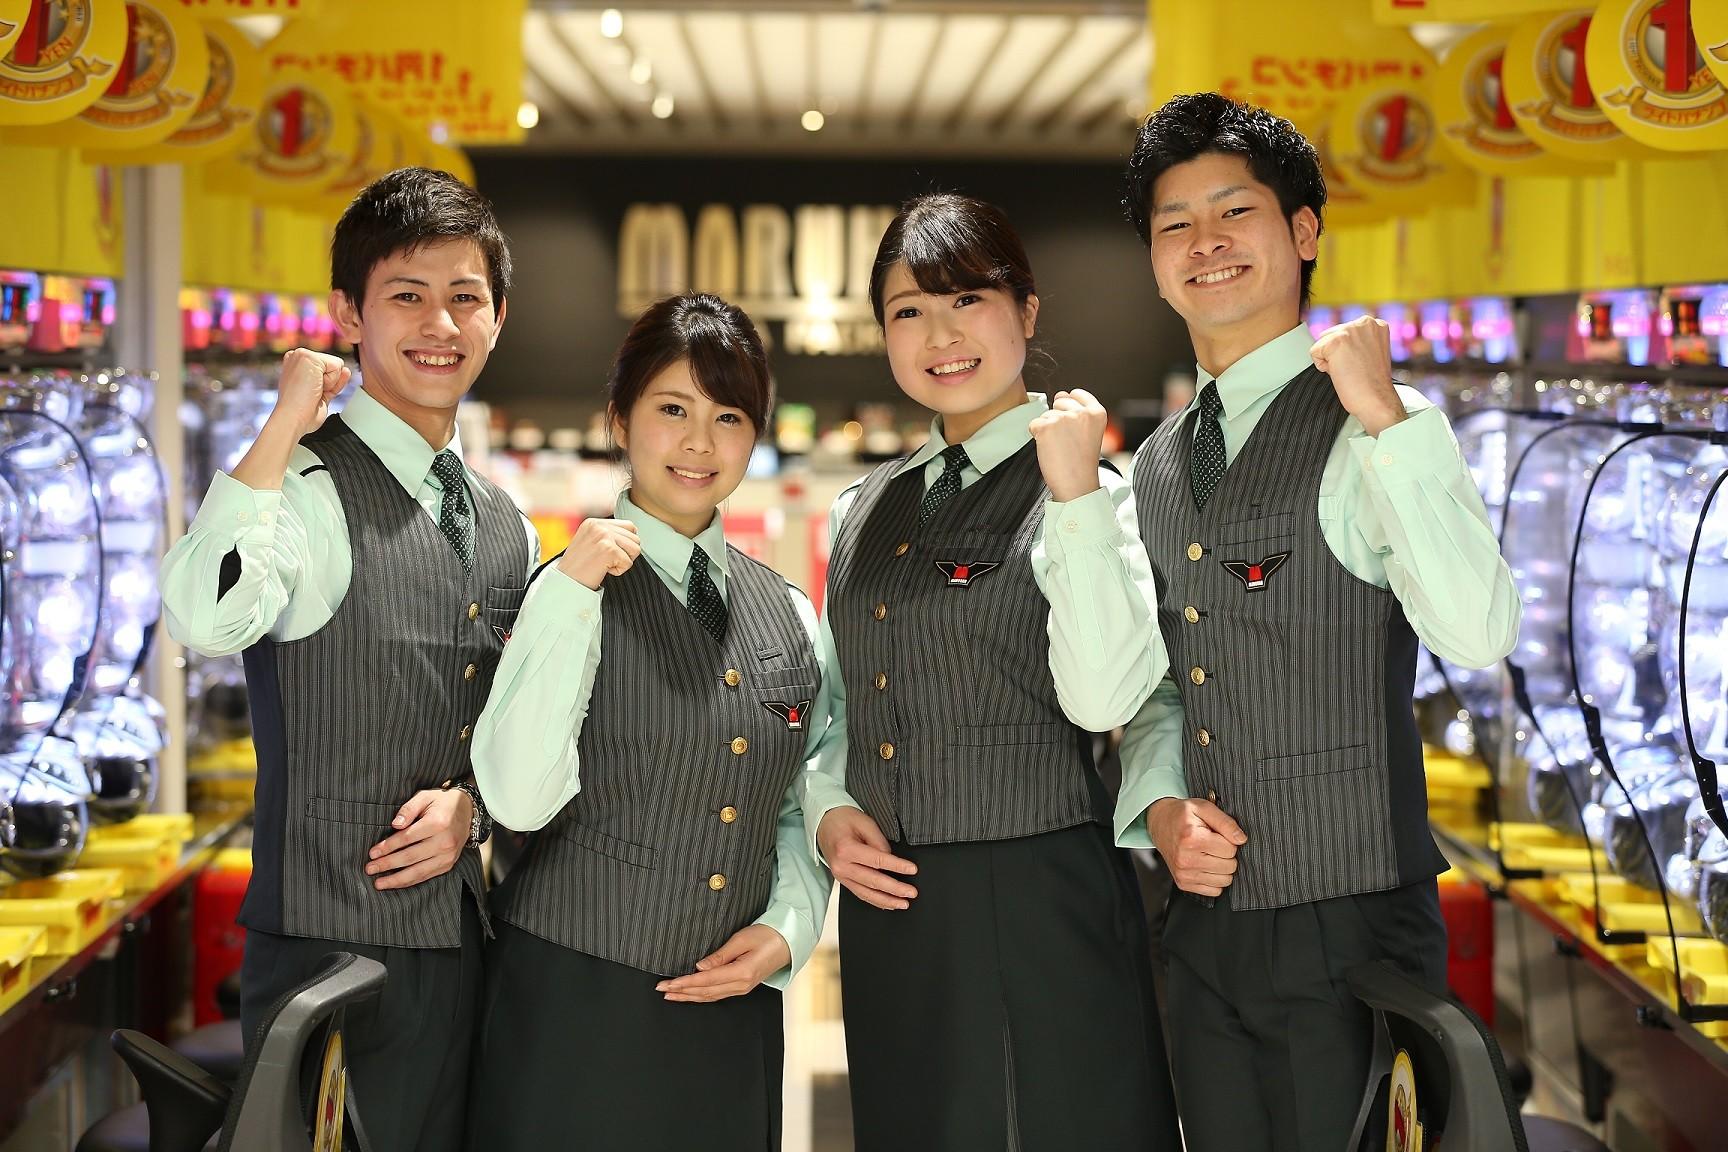 マルハン 茅ヶ崎店[1402] のアルバイト情報